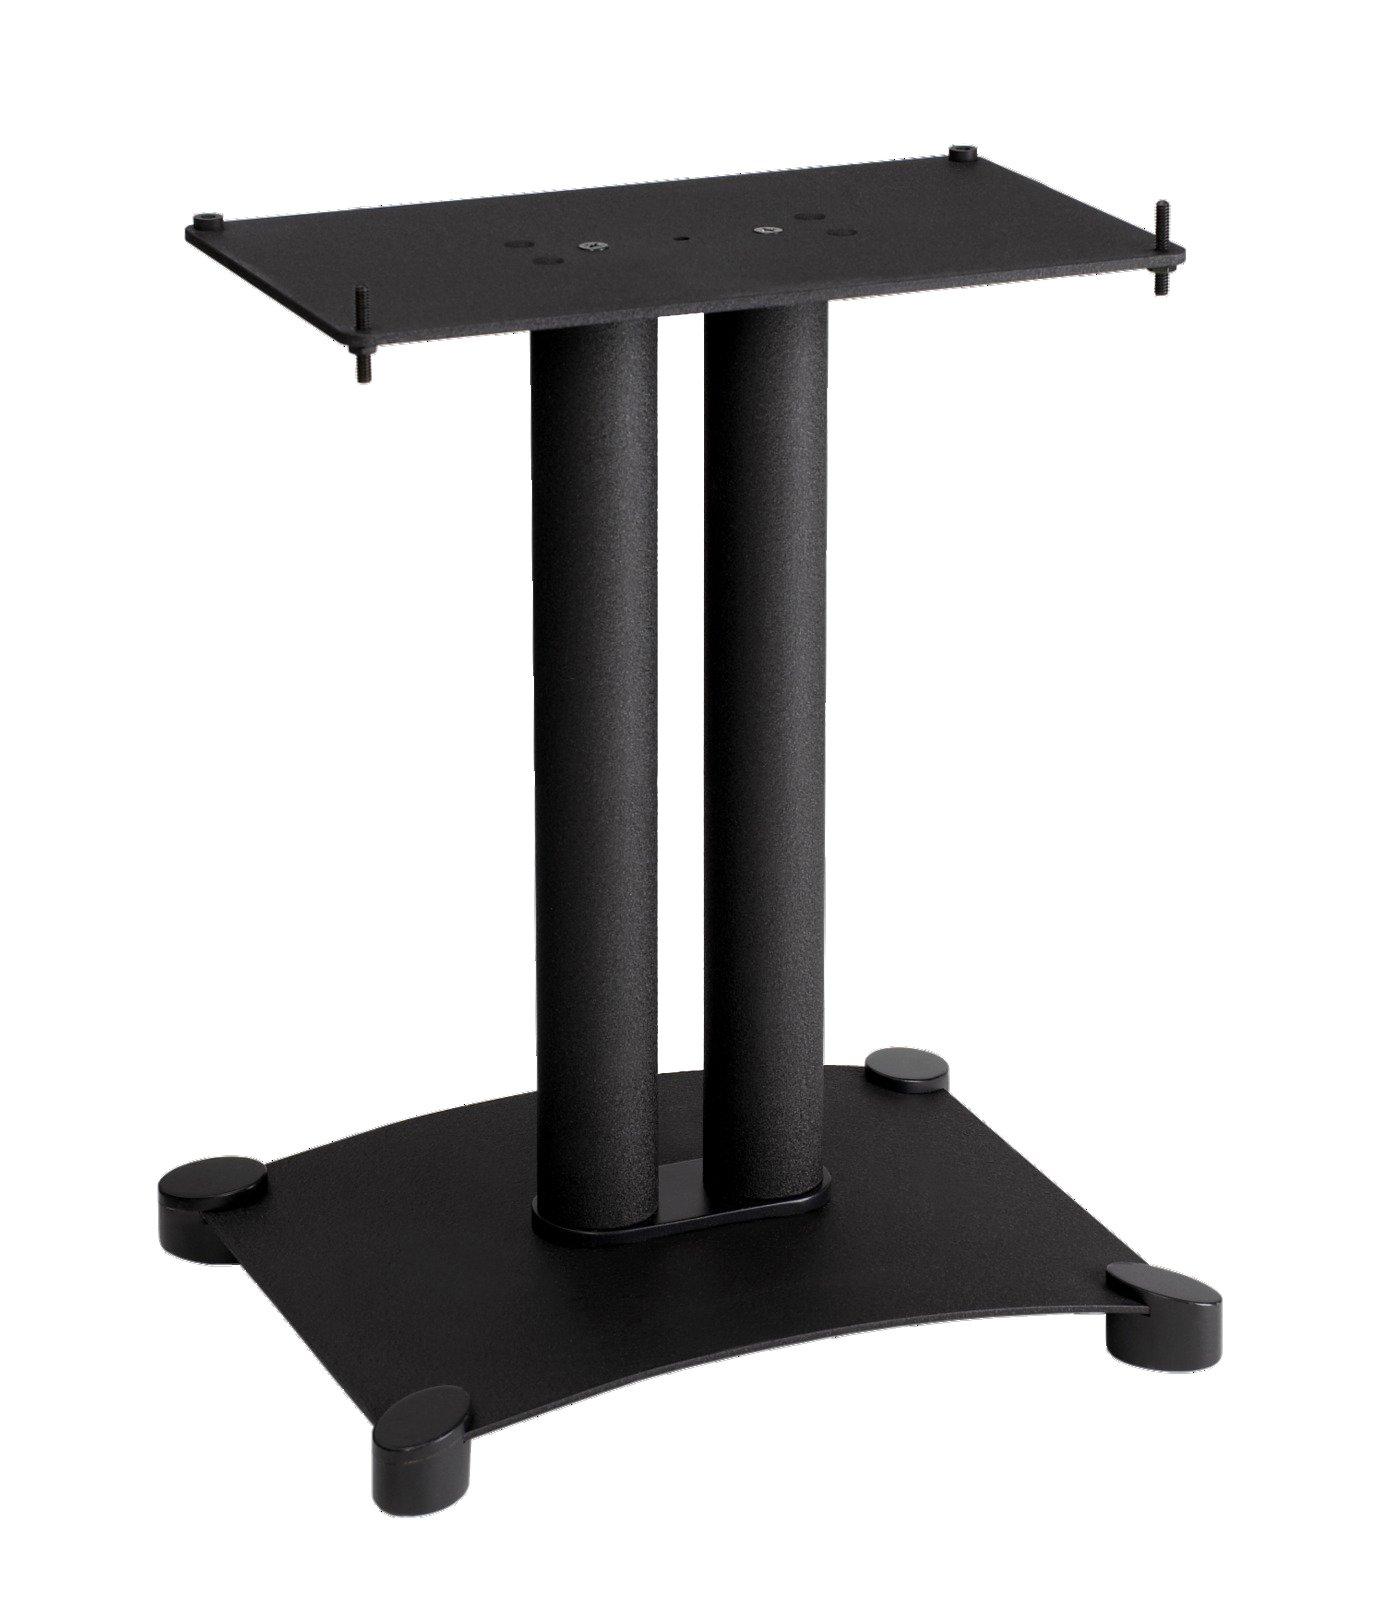 Sanus SFC18-B1 Steel Series 18'' Speaker Stand for Center Channel Speakers Black by Sanus